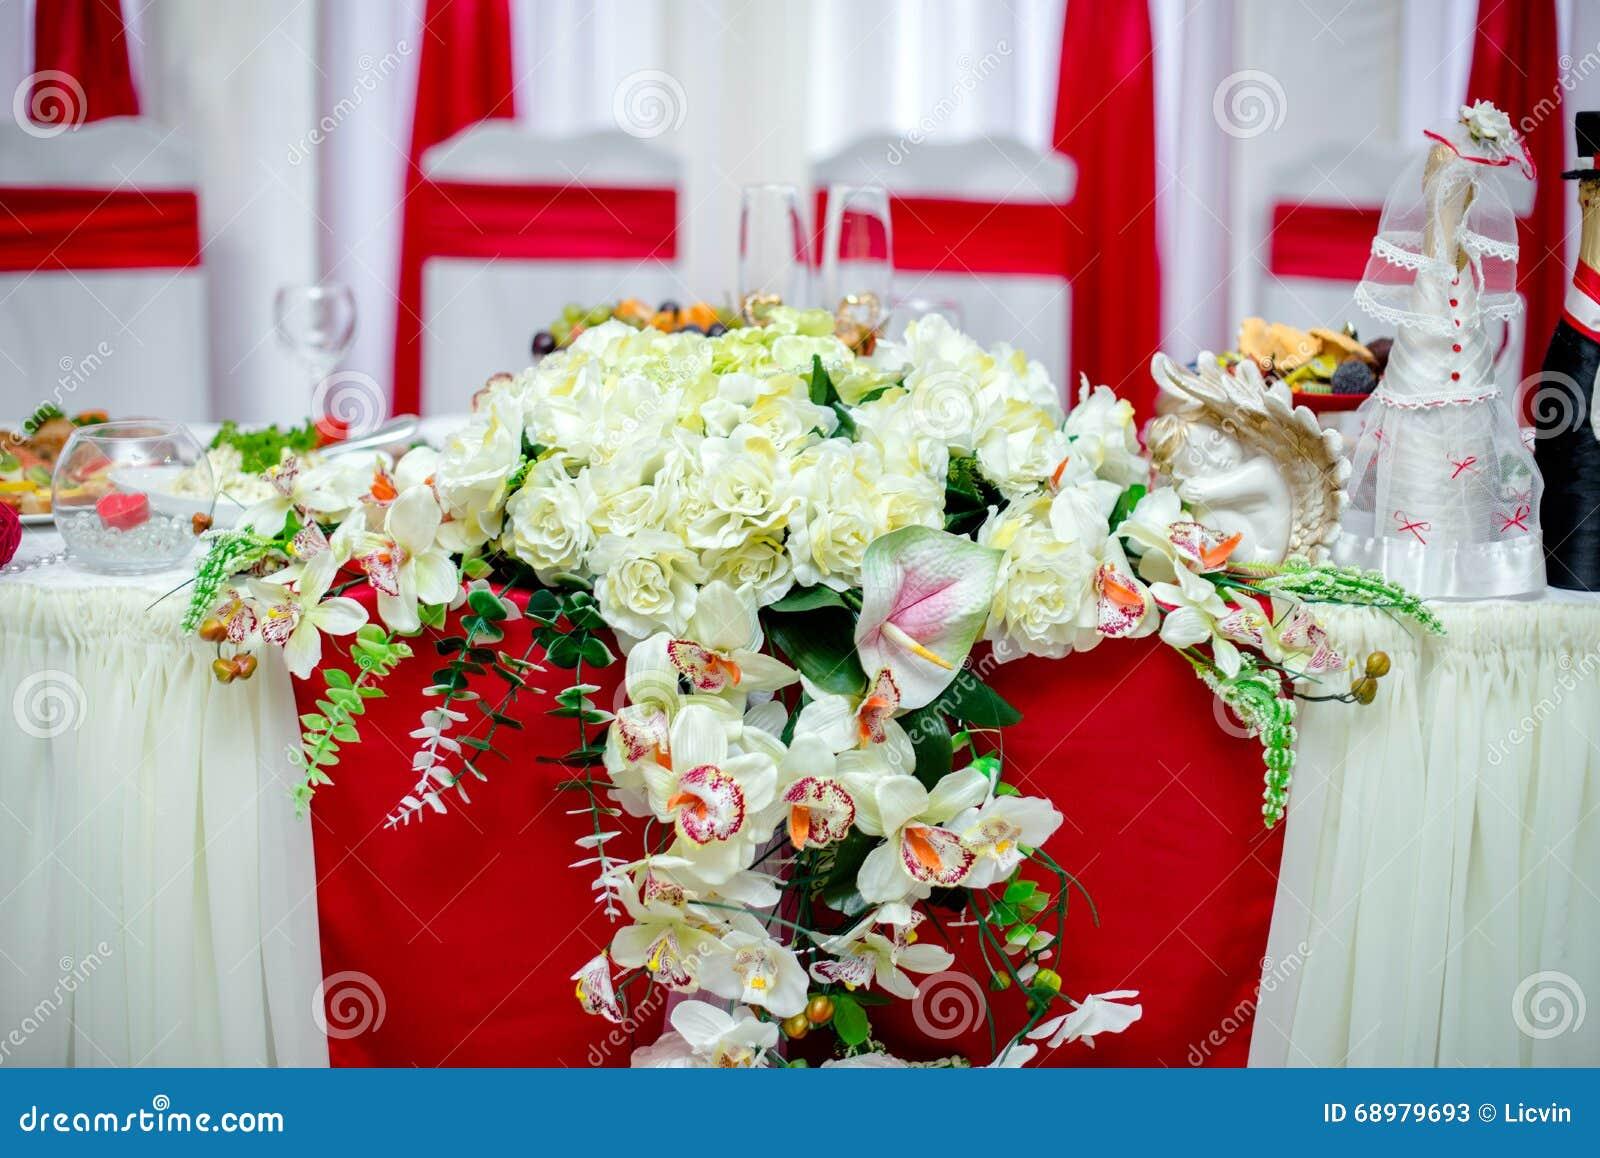 Banquete de la boda de la decoración